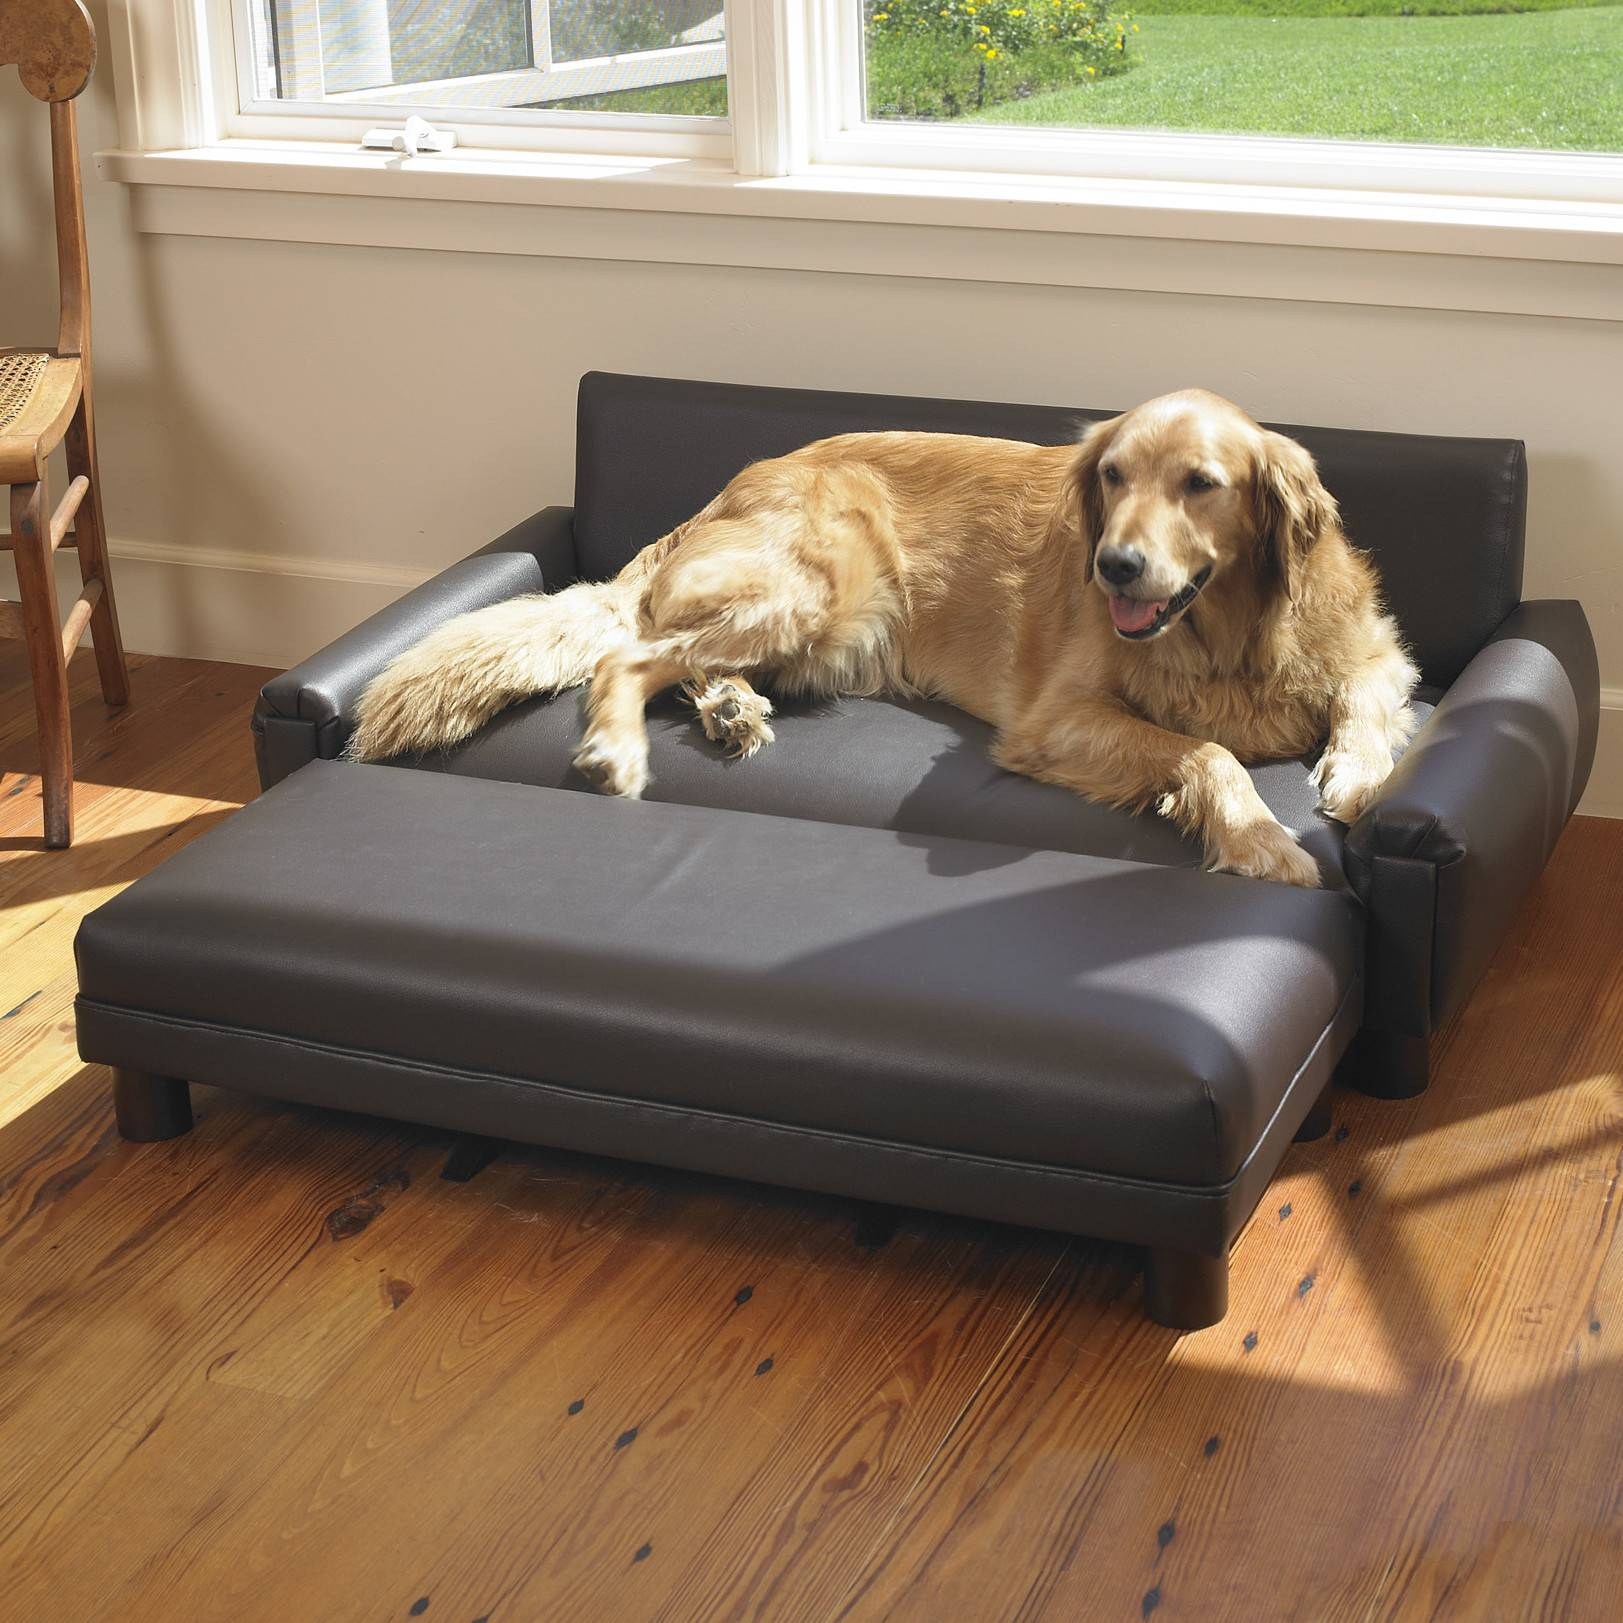 Как сделать, чтобы собаки не портили мебель: способы, которые мне помогают